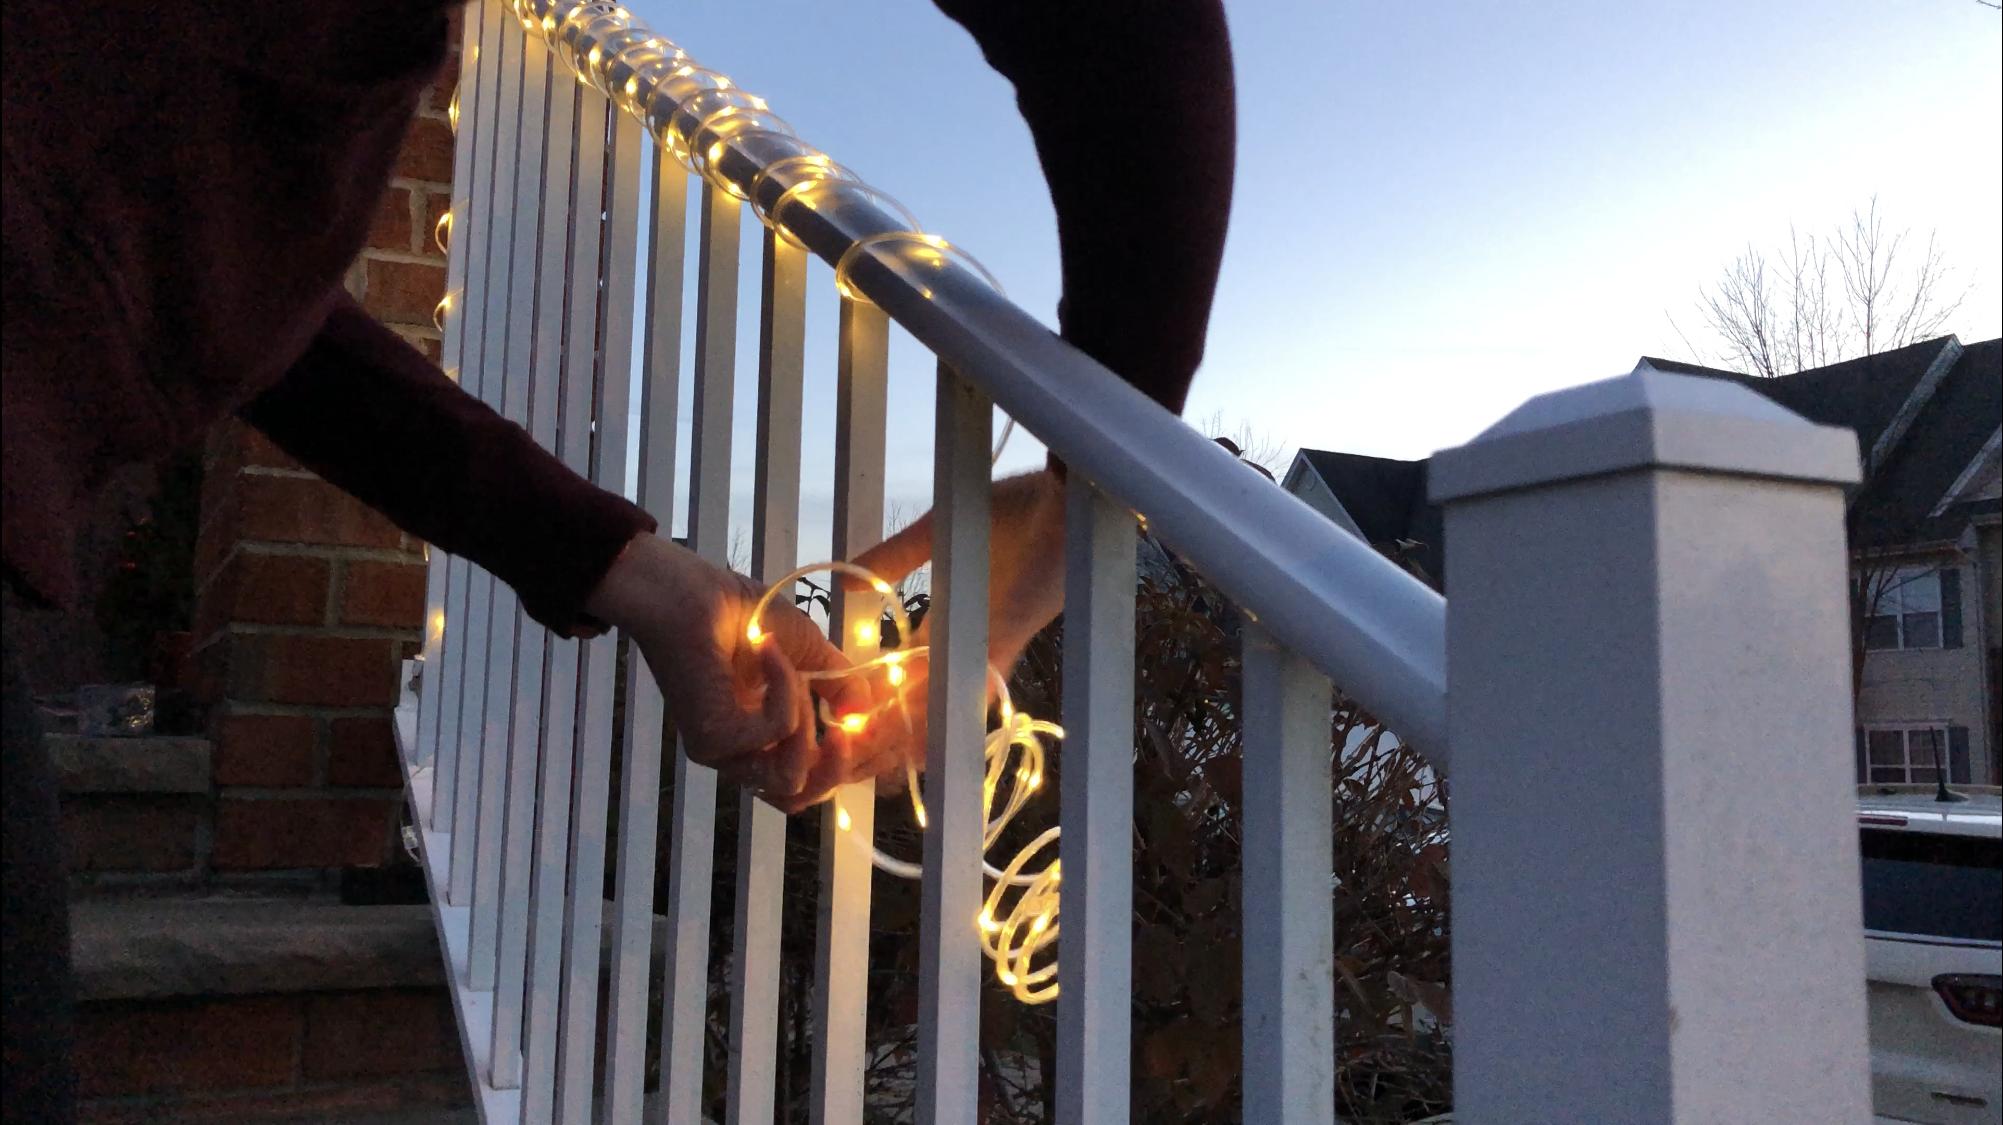 Una hebra de LED de micro puntos envuelta alrededor de una barandilla.